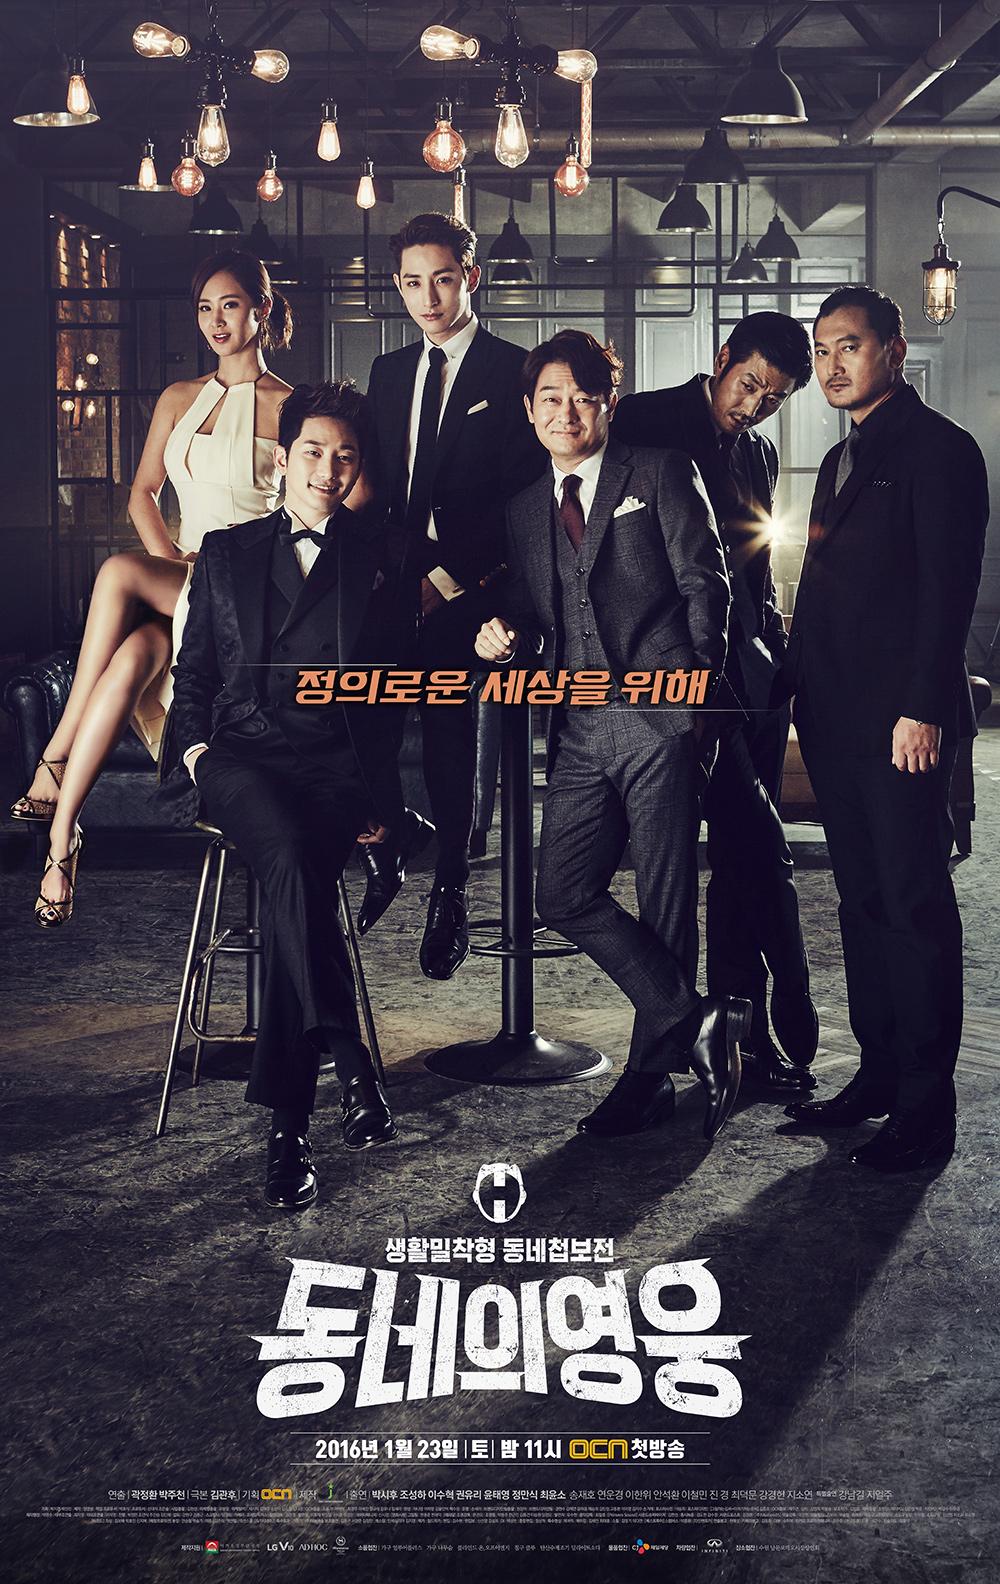 Дорама Герой по соседству (동네의 영웅, Dongneui Youngwoong, Neighborhood's Hero) - каст сериала, постер.jpg